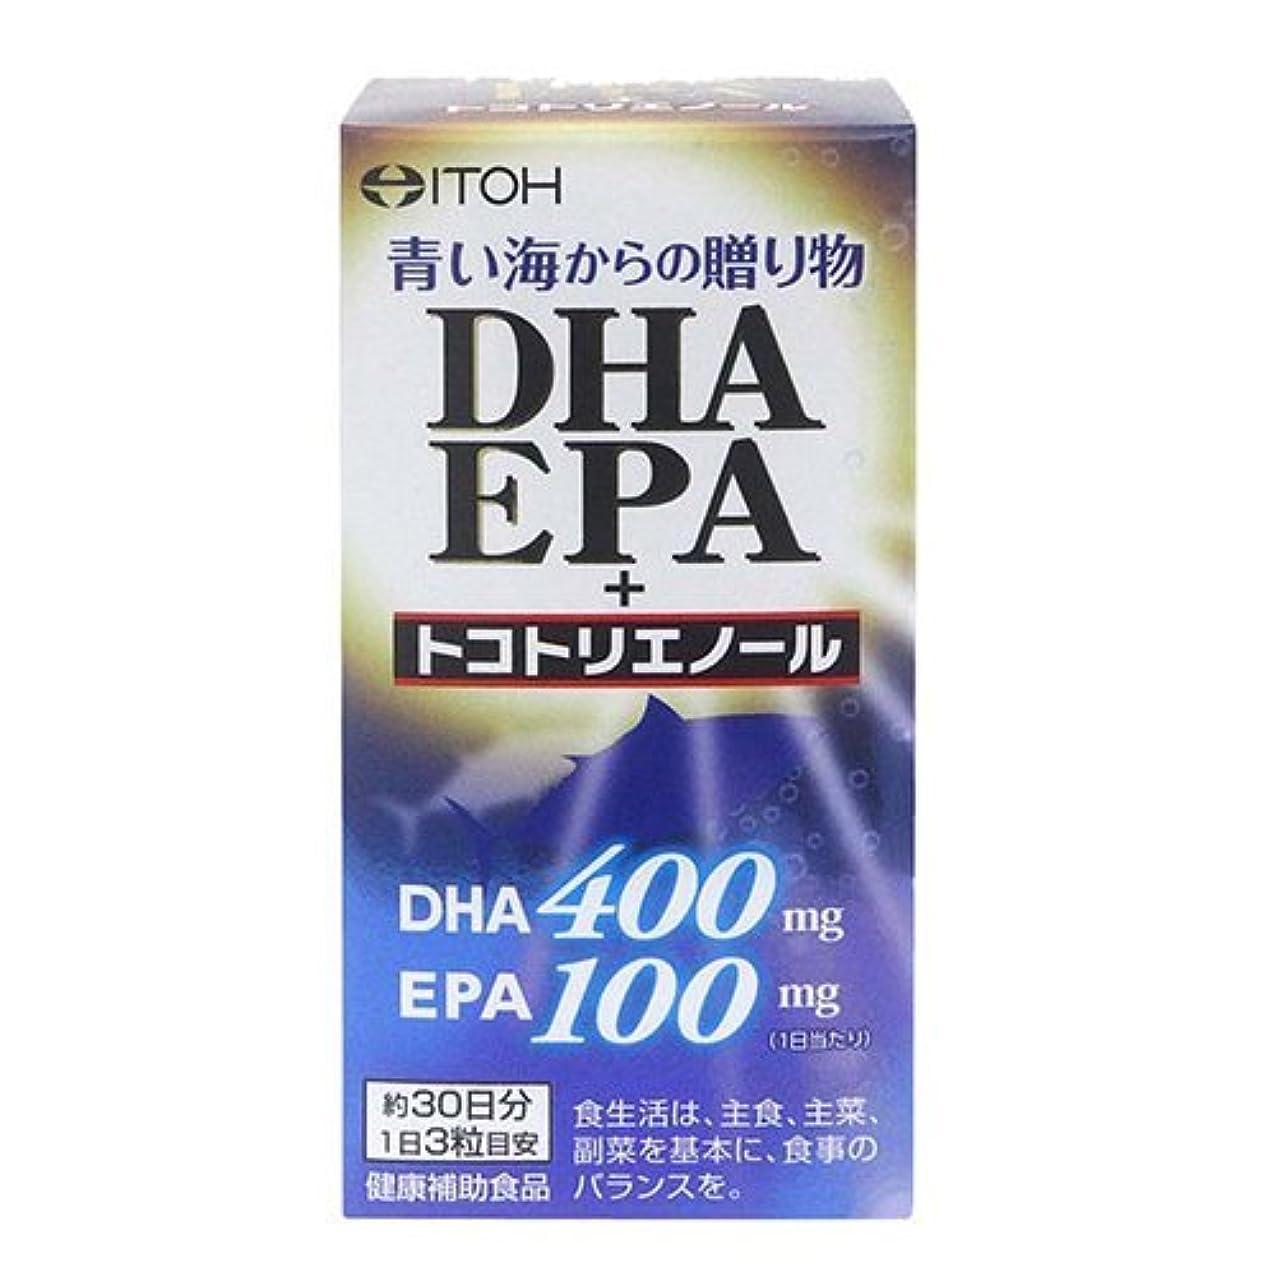 変更可能知り合い書士井藤漢方製薬 DHA EPA+トコトリエノール 約30日分 90粒 Japan